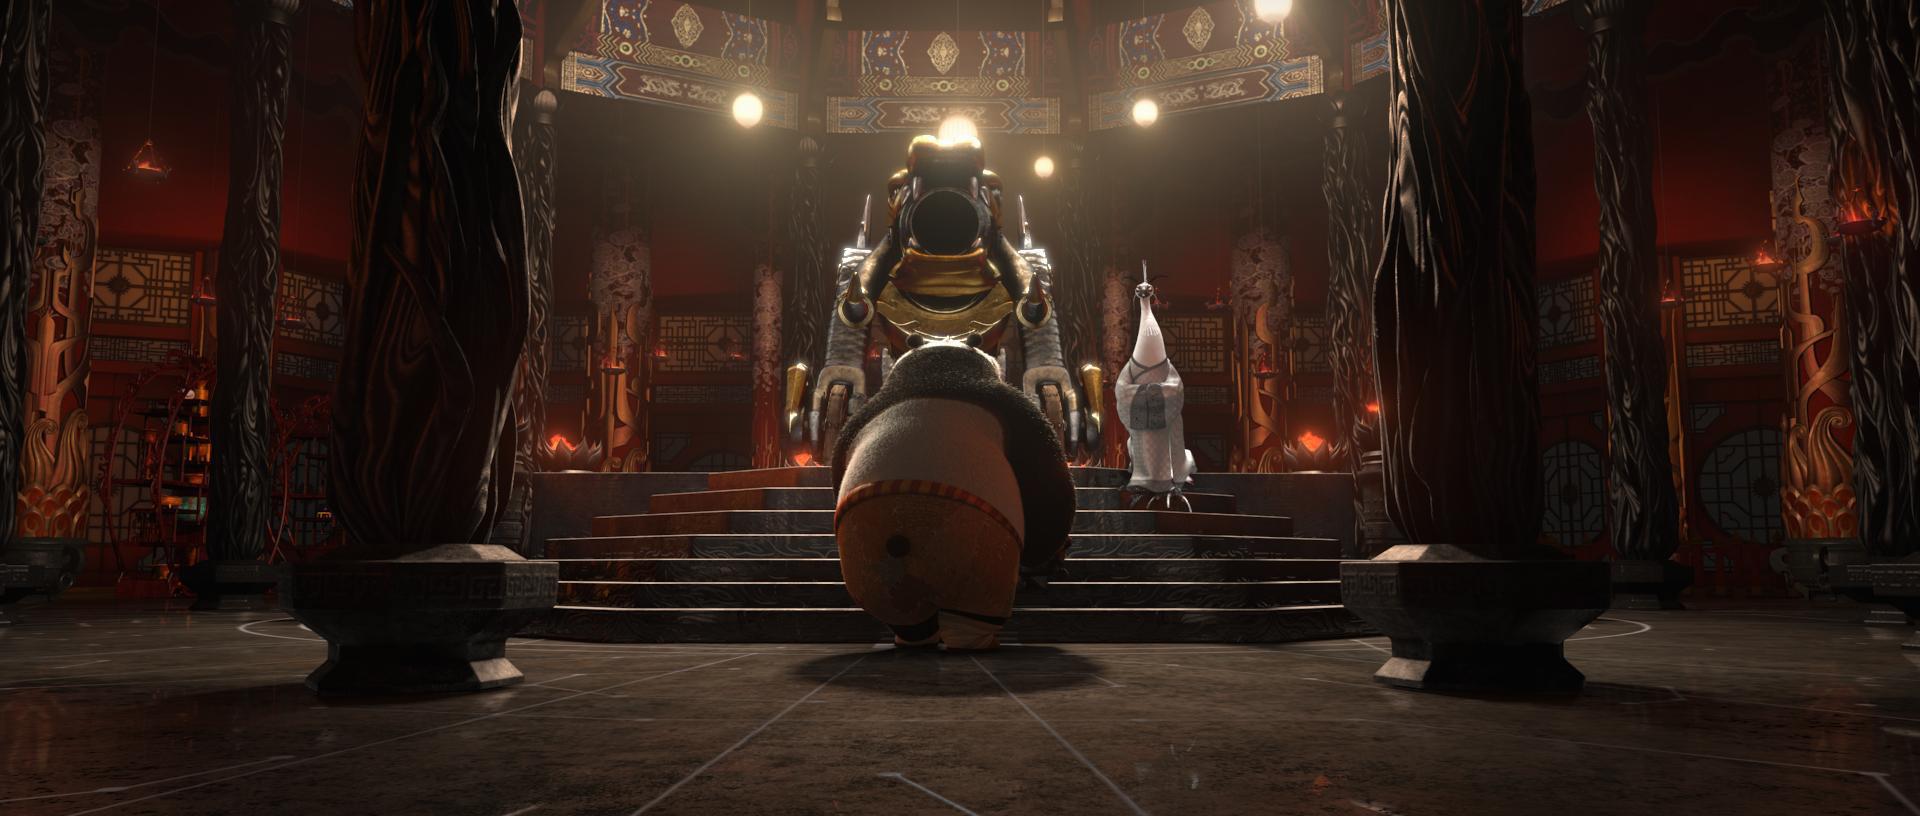 Kung Fu Panda 2   Benjamin Venancie